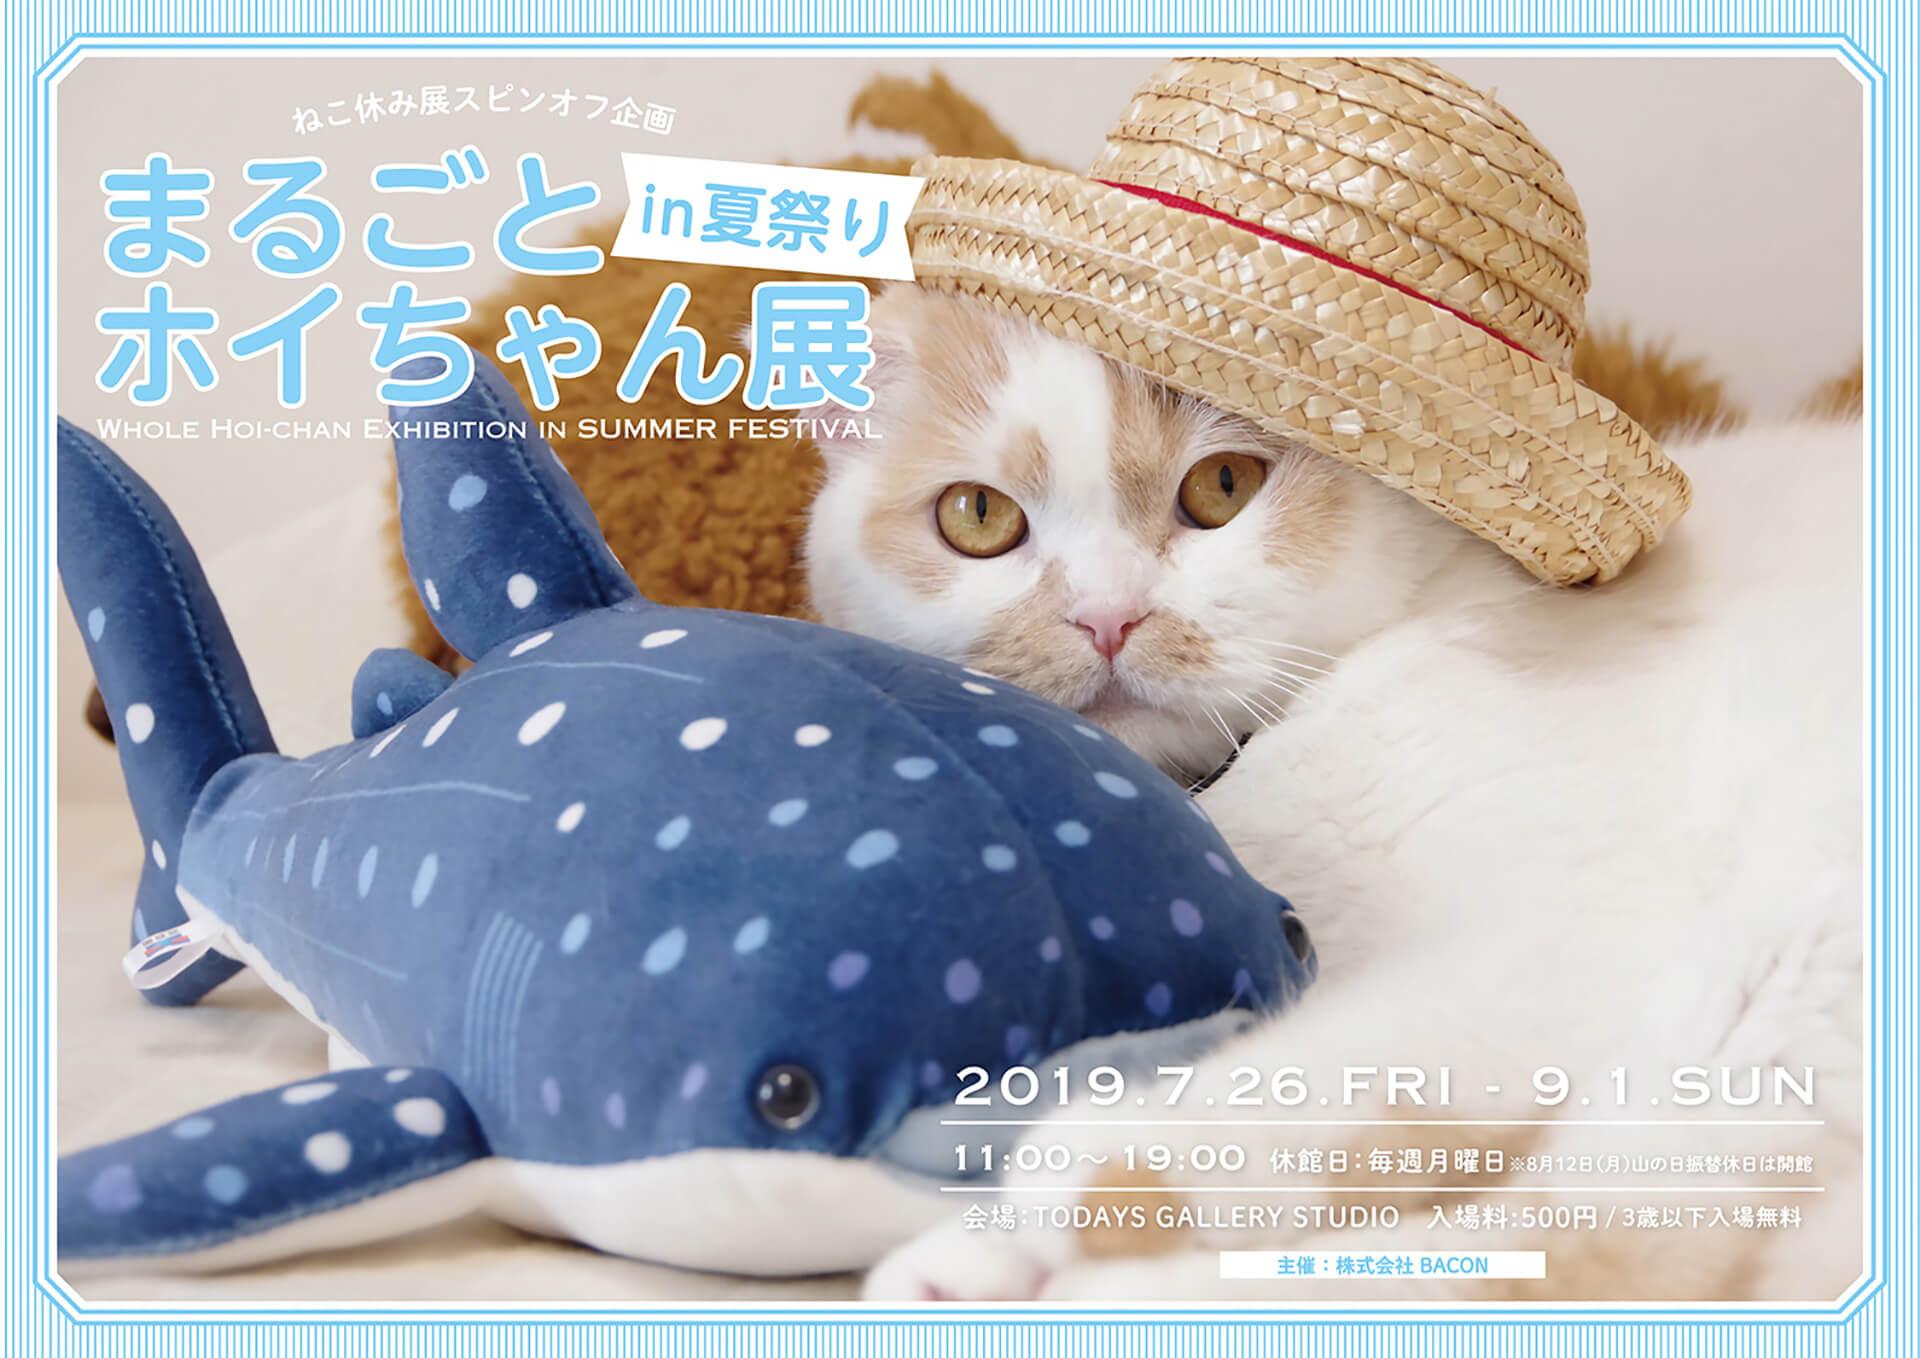 この写真はまるごとホイちゃん展 in 夏祭りの告知ポスター。ホイちゃんが麦わら帽子を被ったビジュアルです